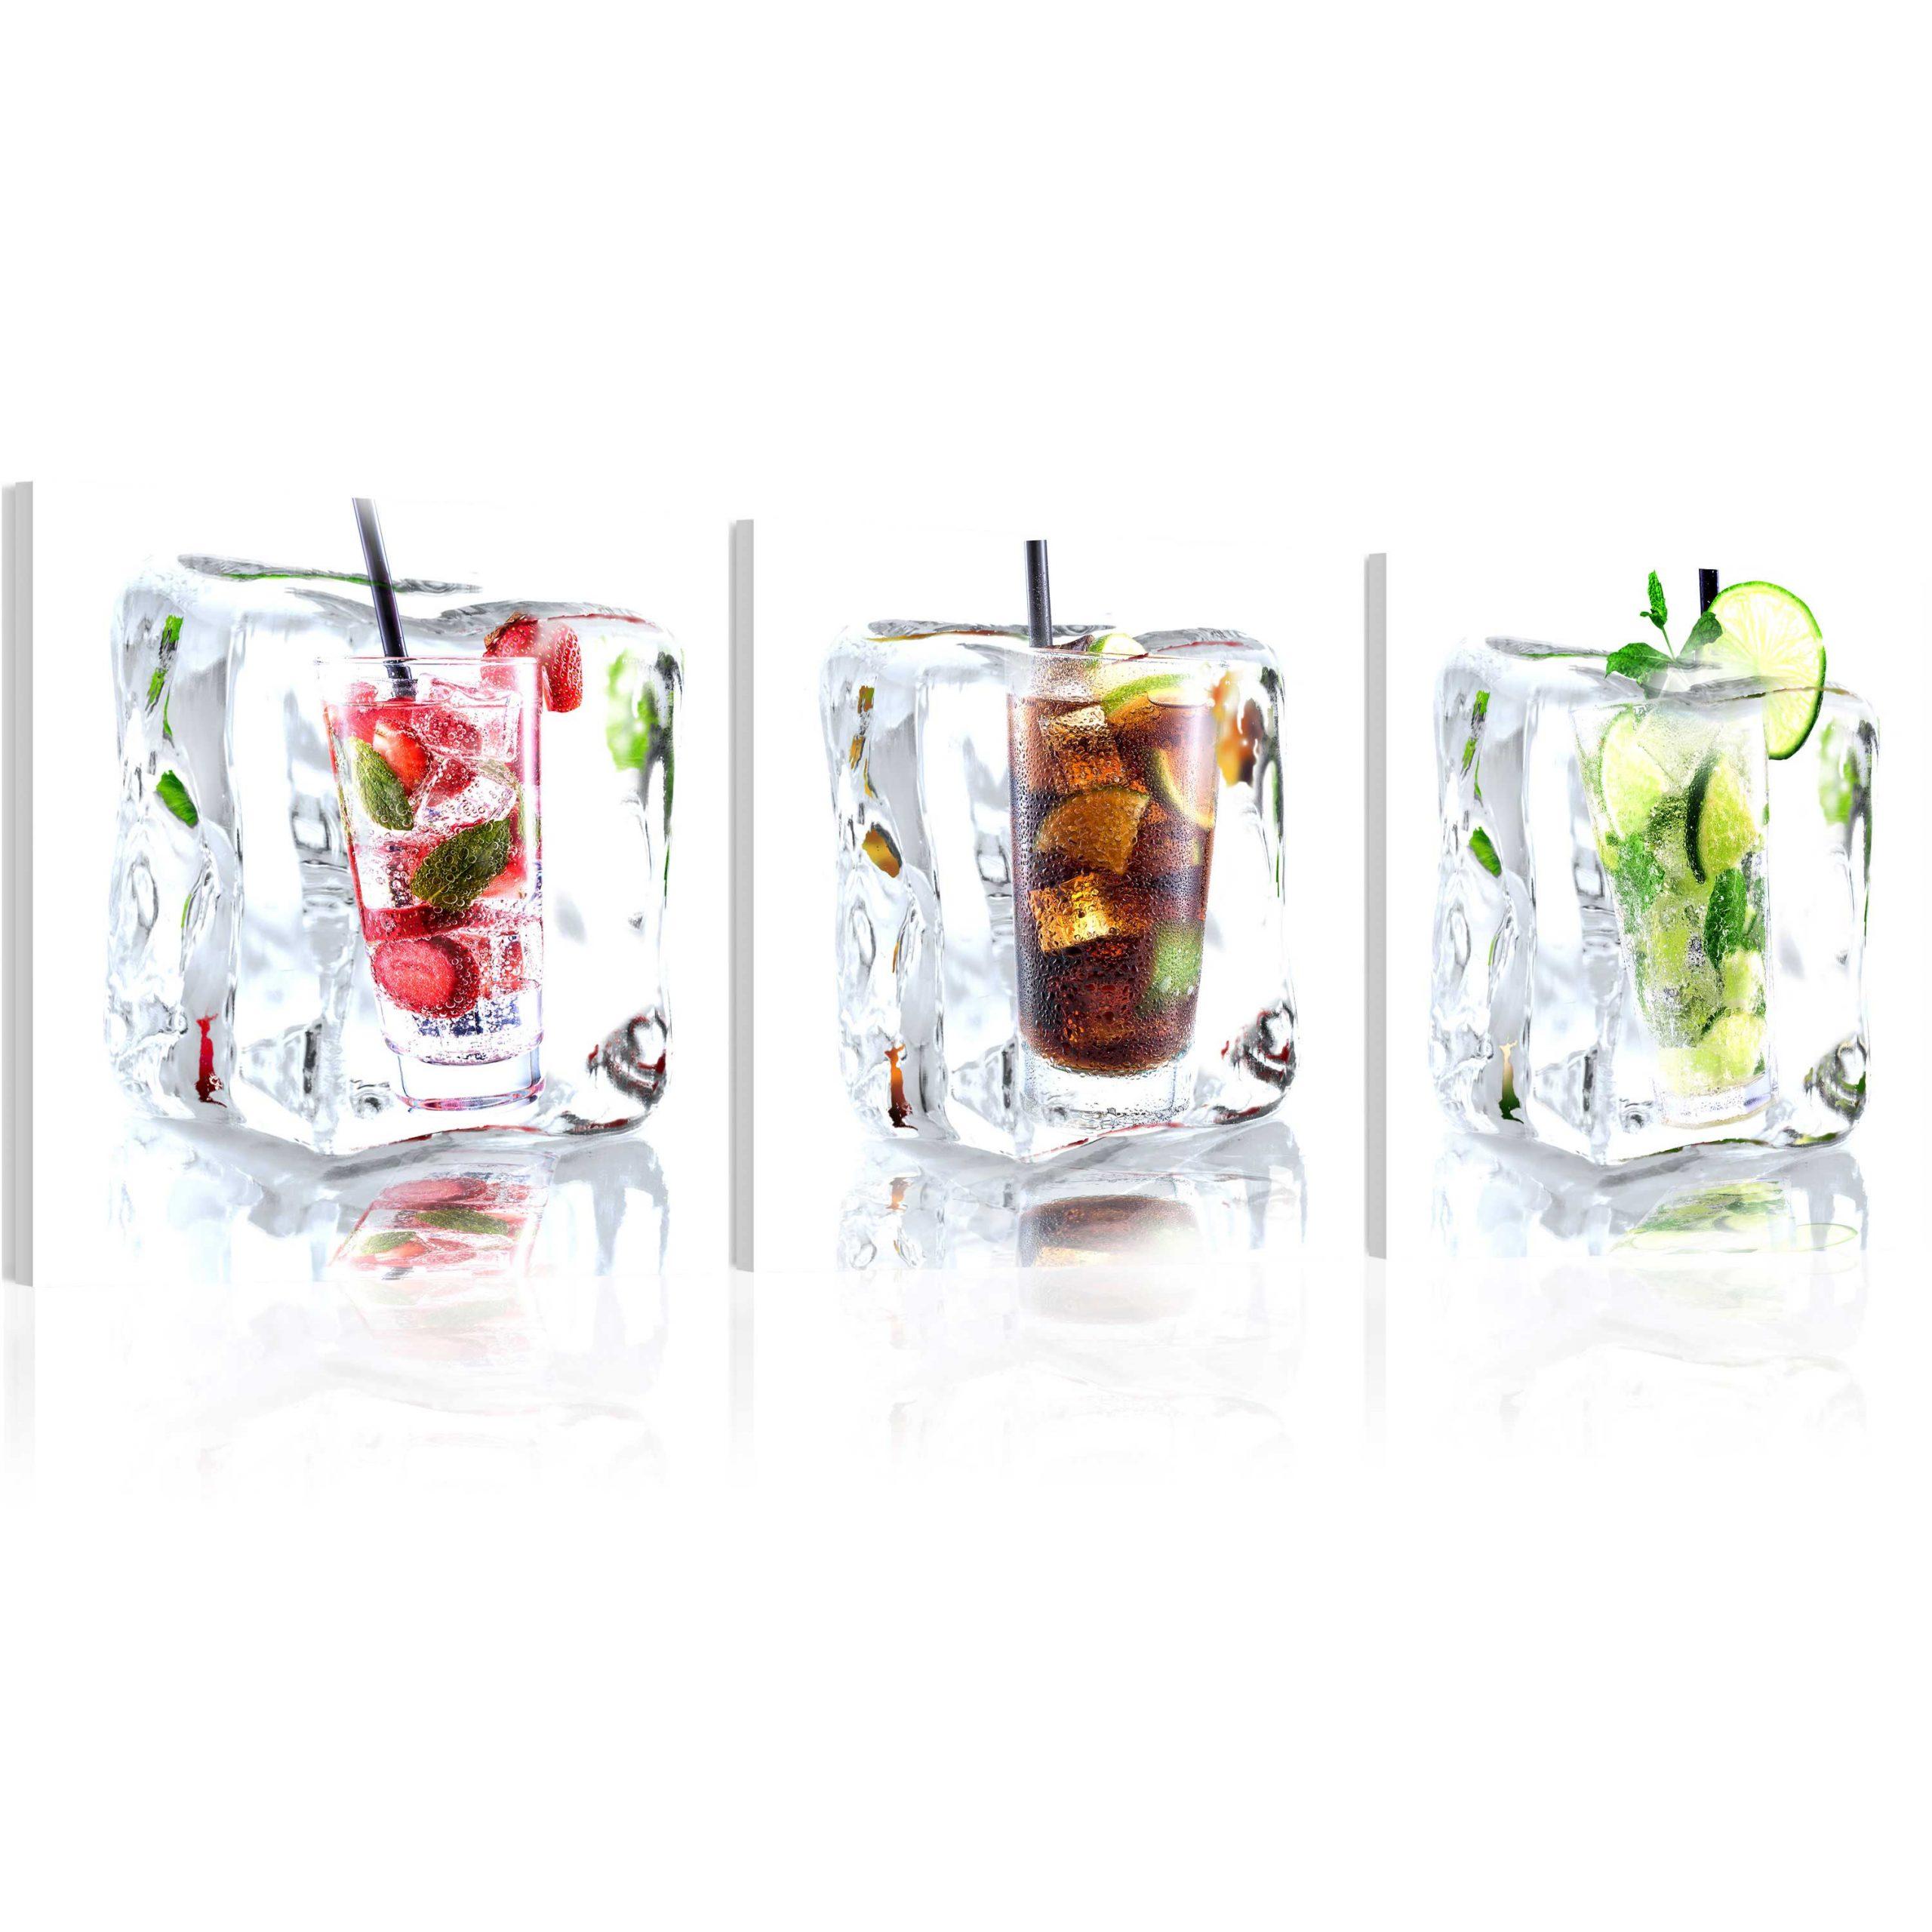 Full Size of Klebefieber Glasbilder Küche Glasbilder Küche Mehrteilig Glasbild Küche 80 X 40 Glasbild Küche Strand Küche Glasbilder Küche